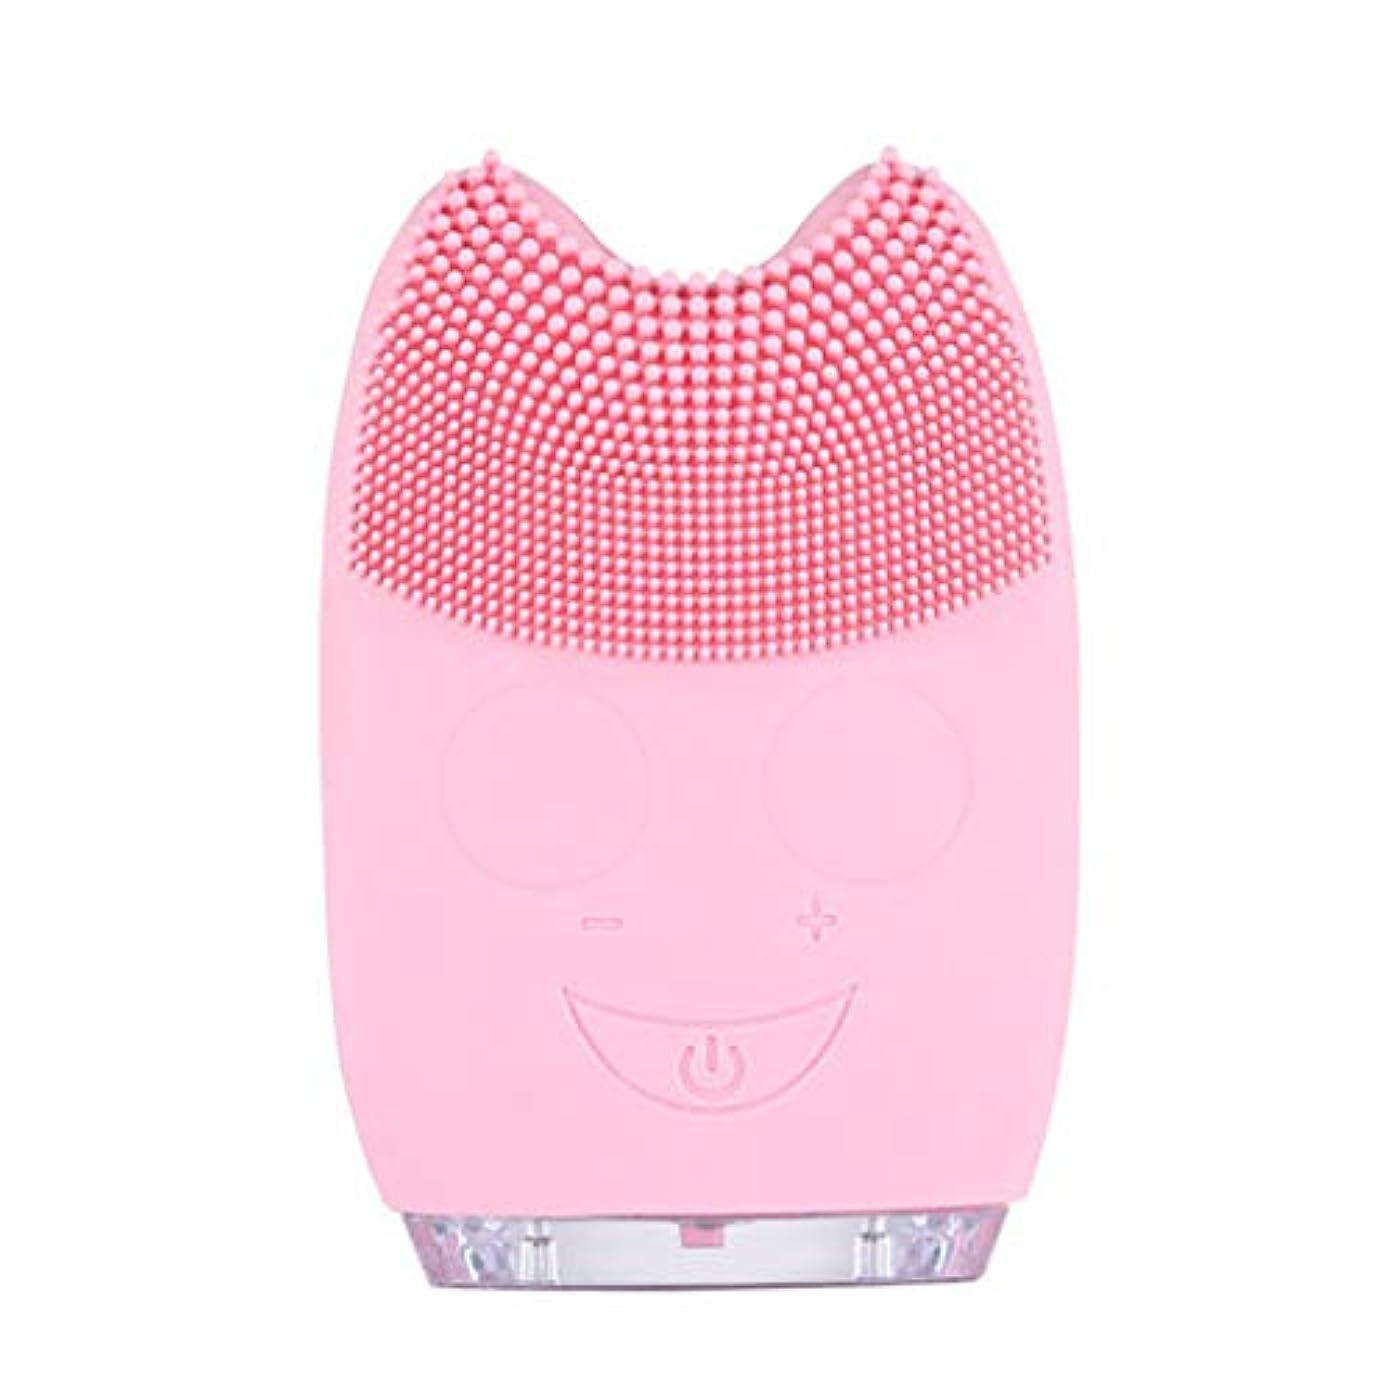 各凍る部門Qi フェイシャルクレンザーブラシ、防水ミニ電動マッサージマシンシリコンフェイシャルクレンジングデバイスツール GQ (色 : Pink)